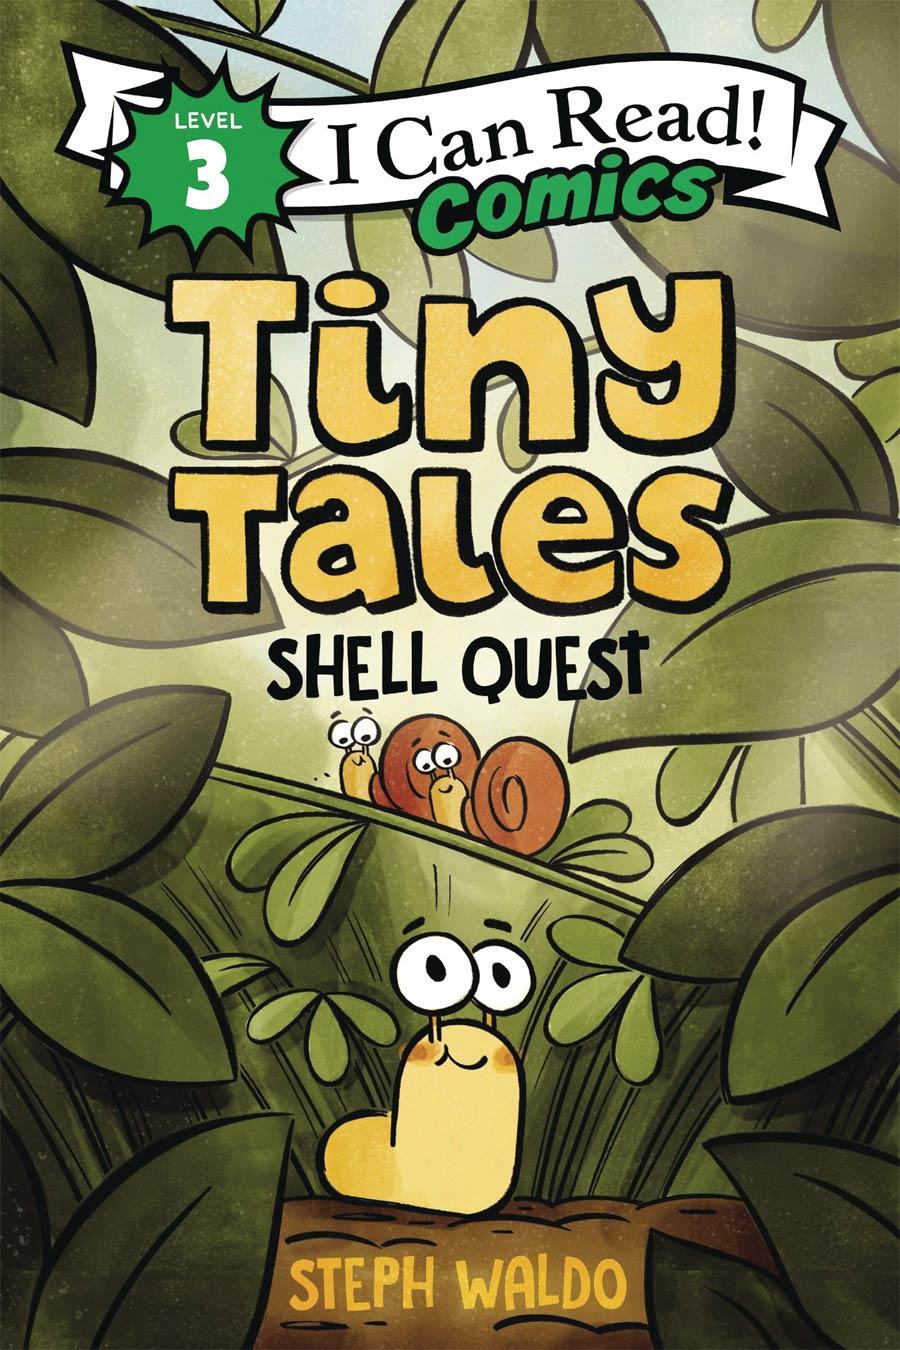 I Can Read Comics Level 3 Tiny Tales Shell Quest TP